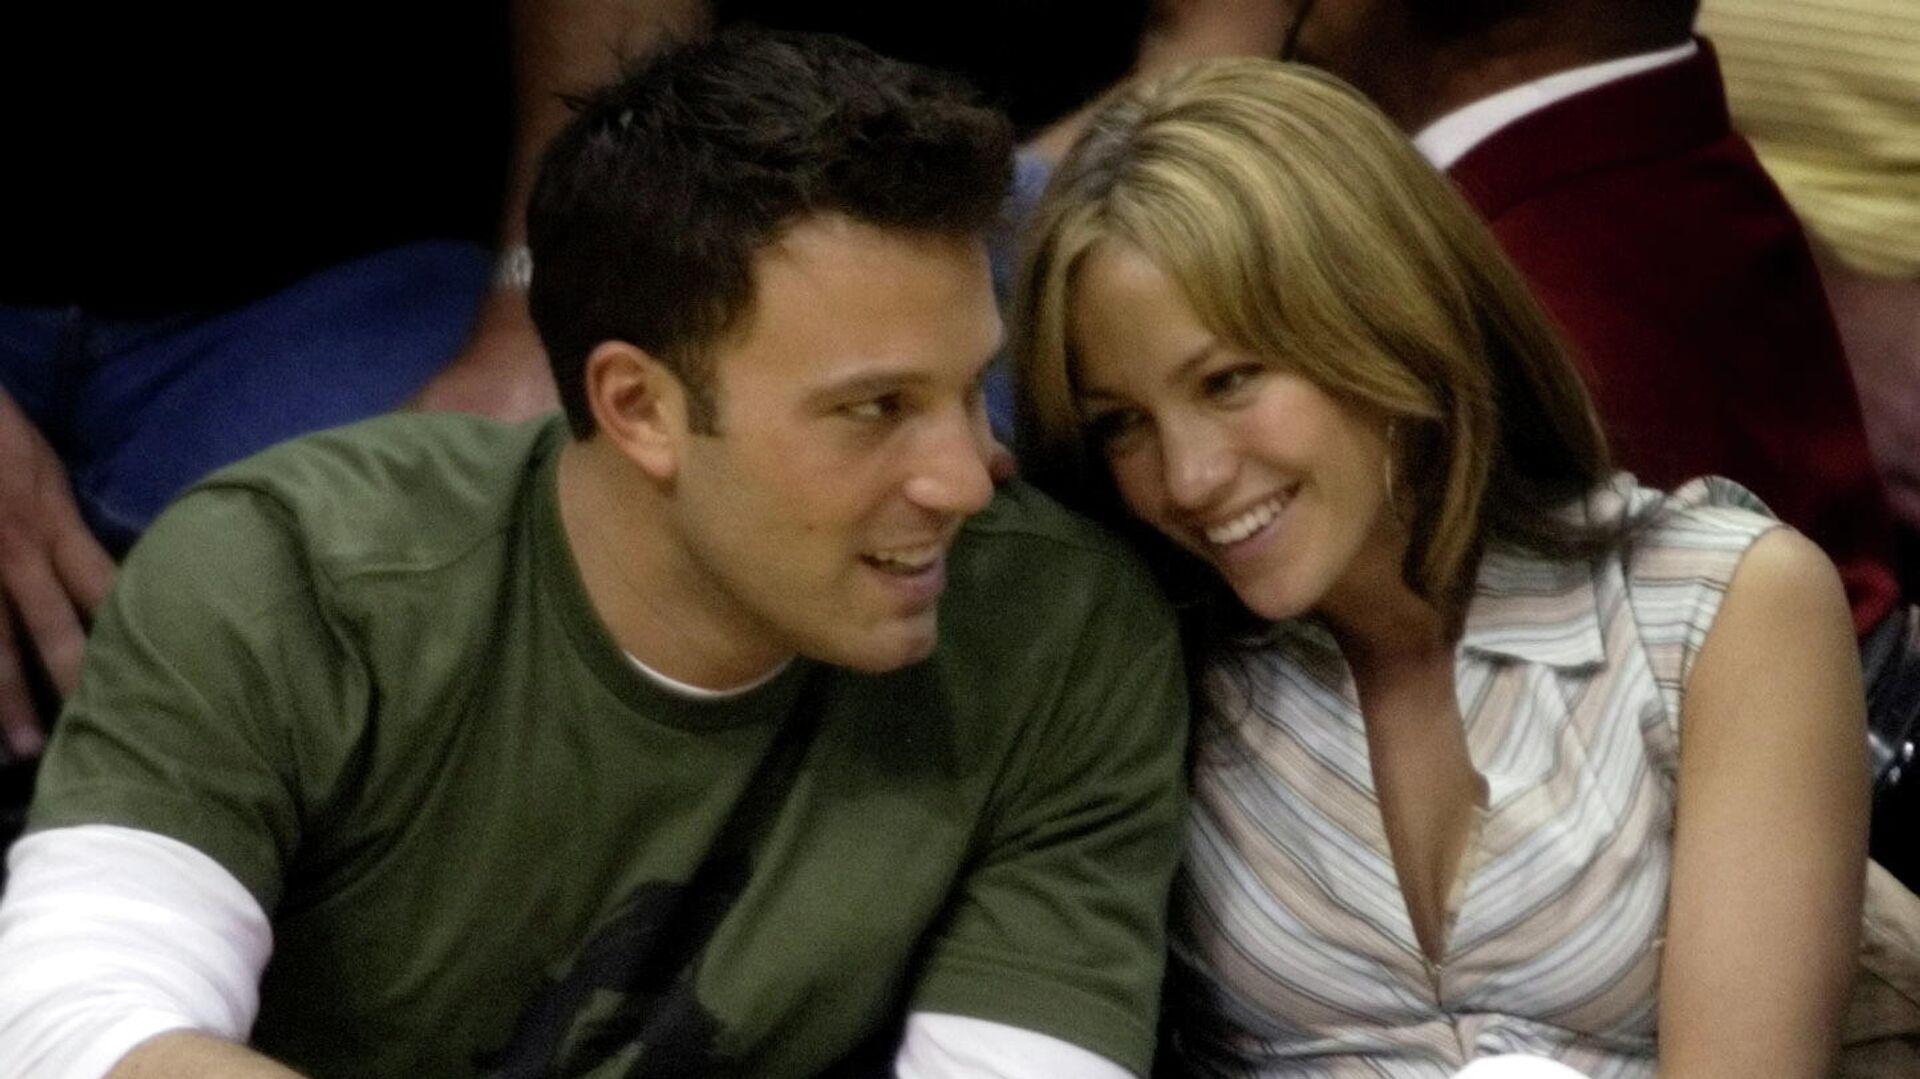 El actor Ben Affleck y la cantante Jennifer Lopez en 2003 - Sputnik Mundo, 1920, 28.06.2021